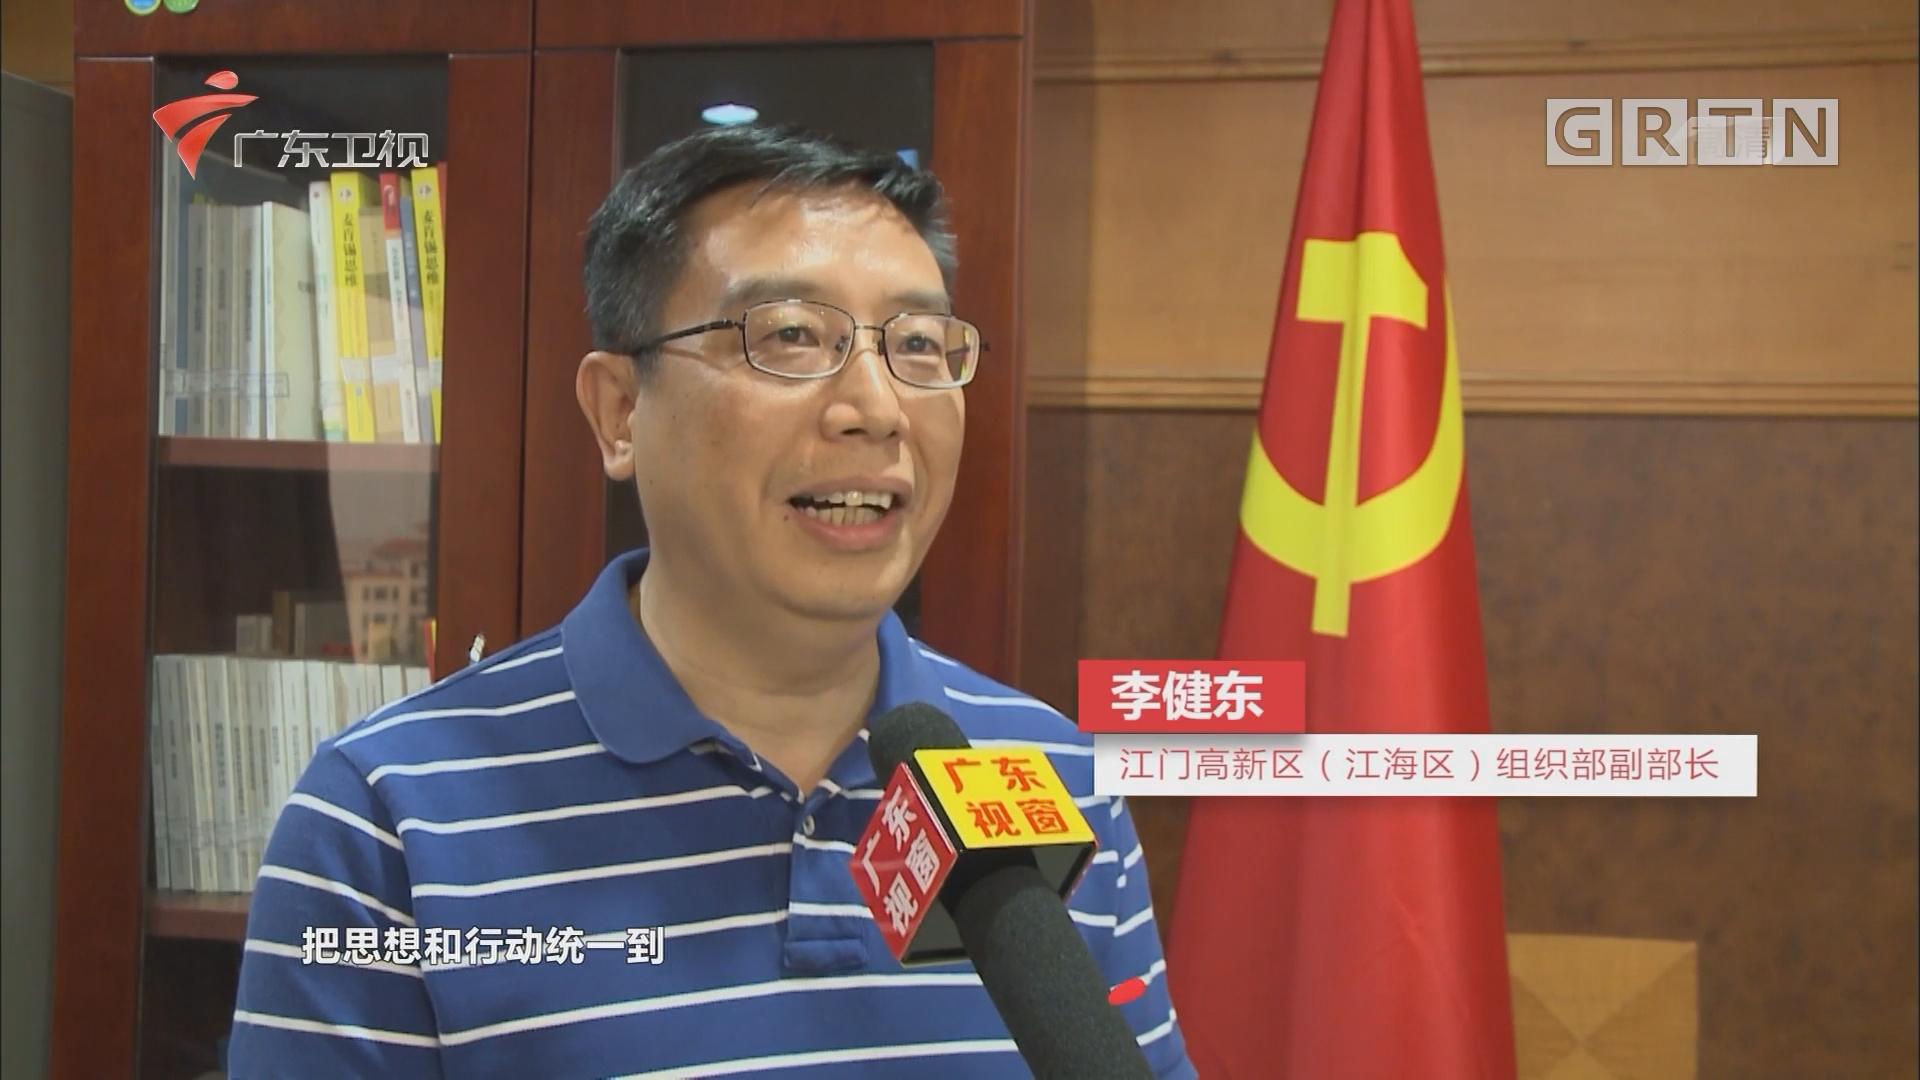 江门高新区(江海区):加强规范化建设 牢固树立大抓党建鲜明导向